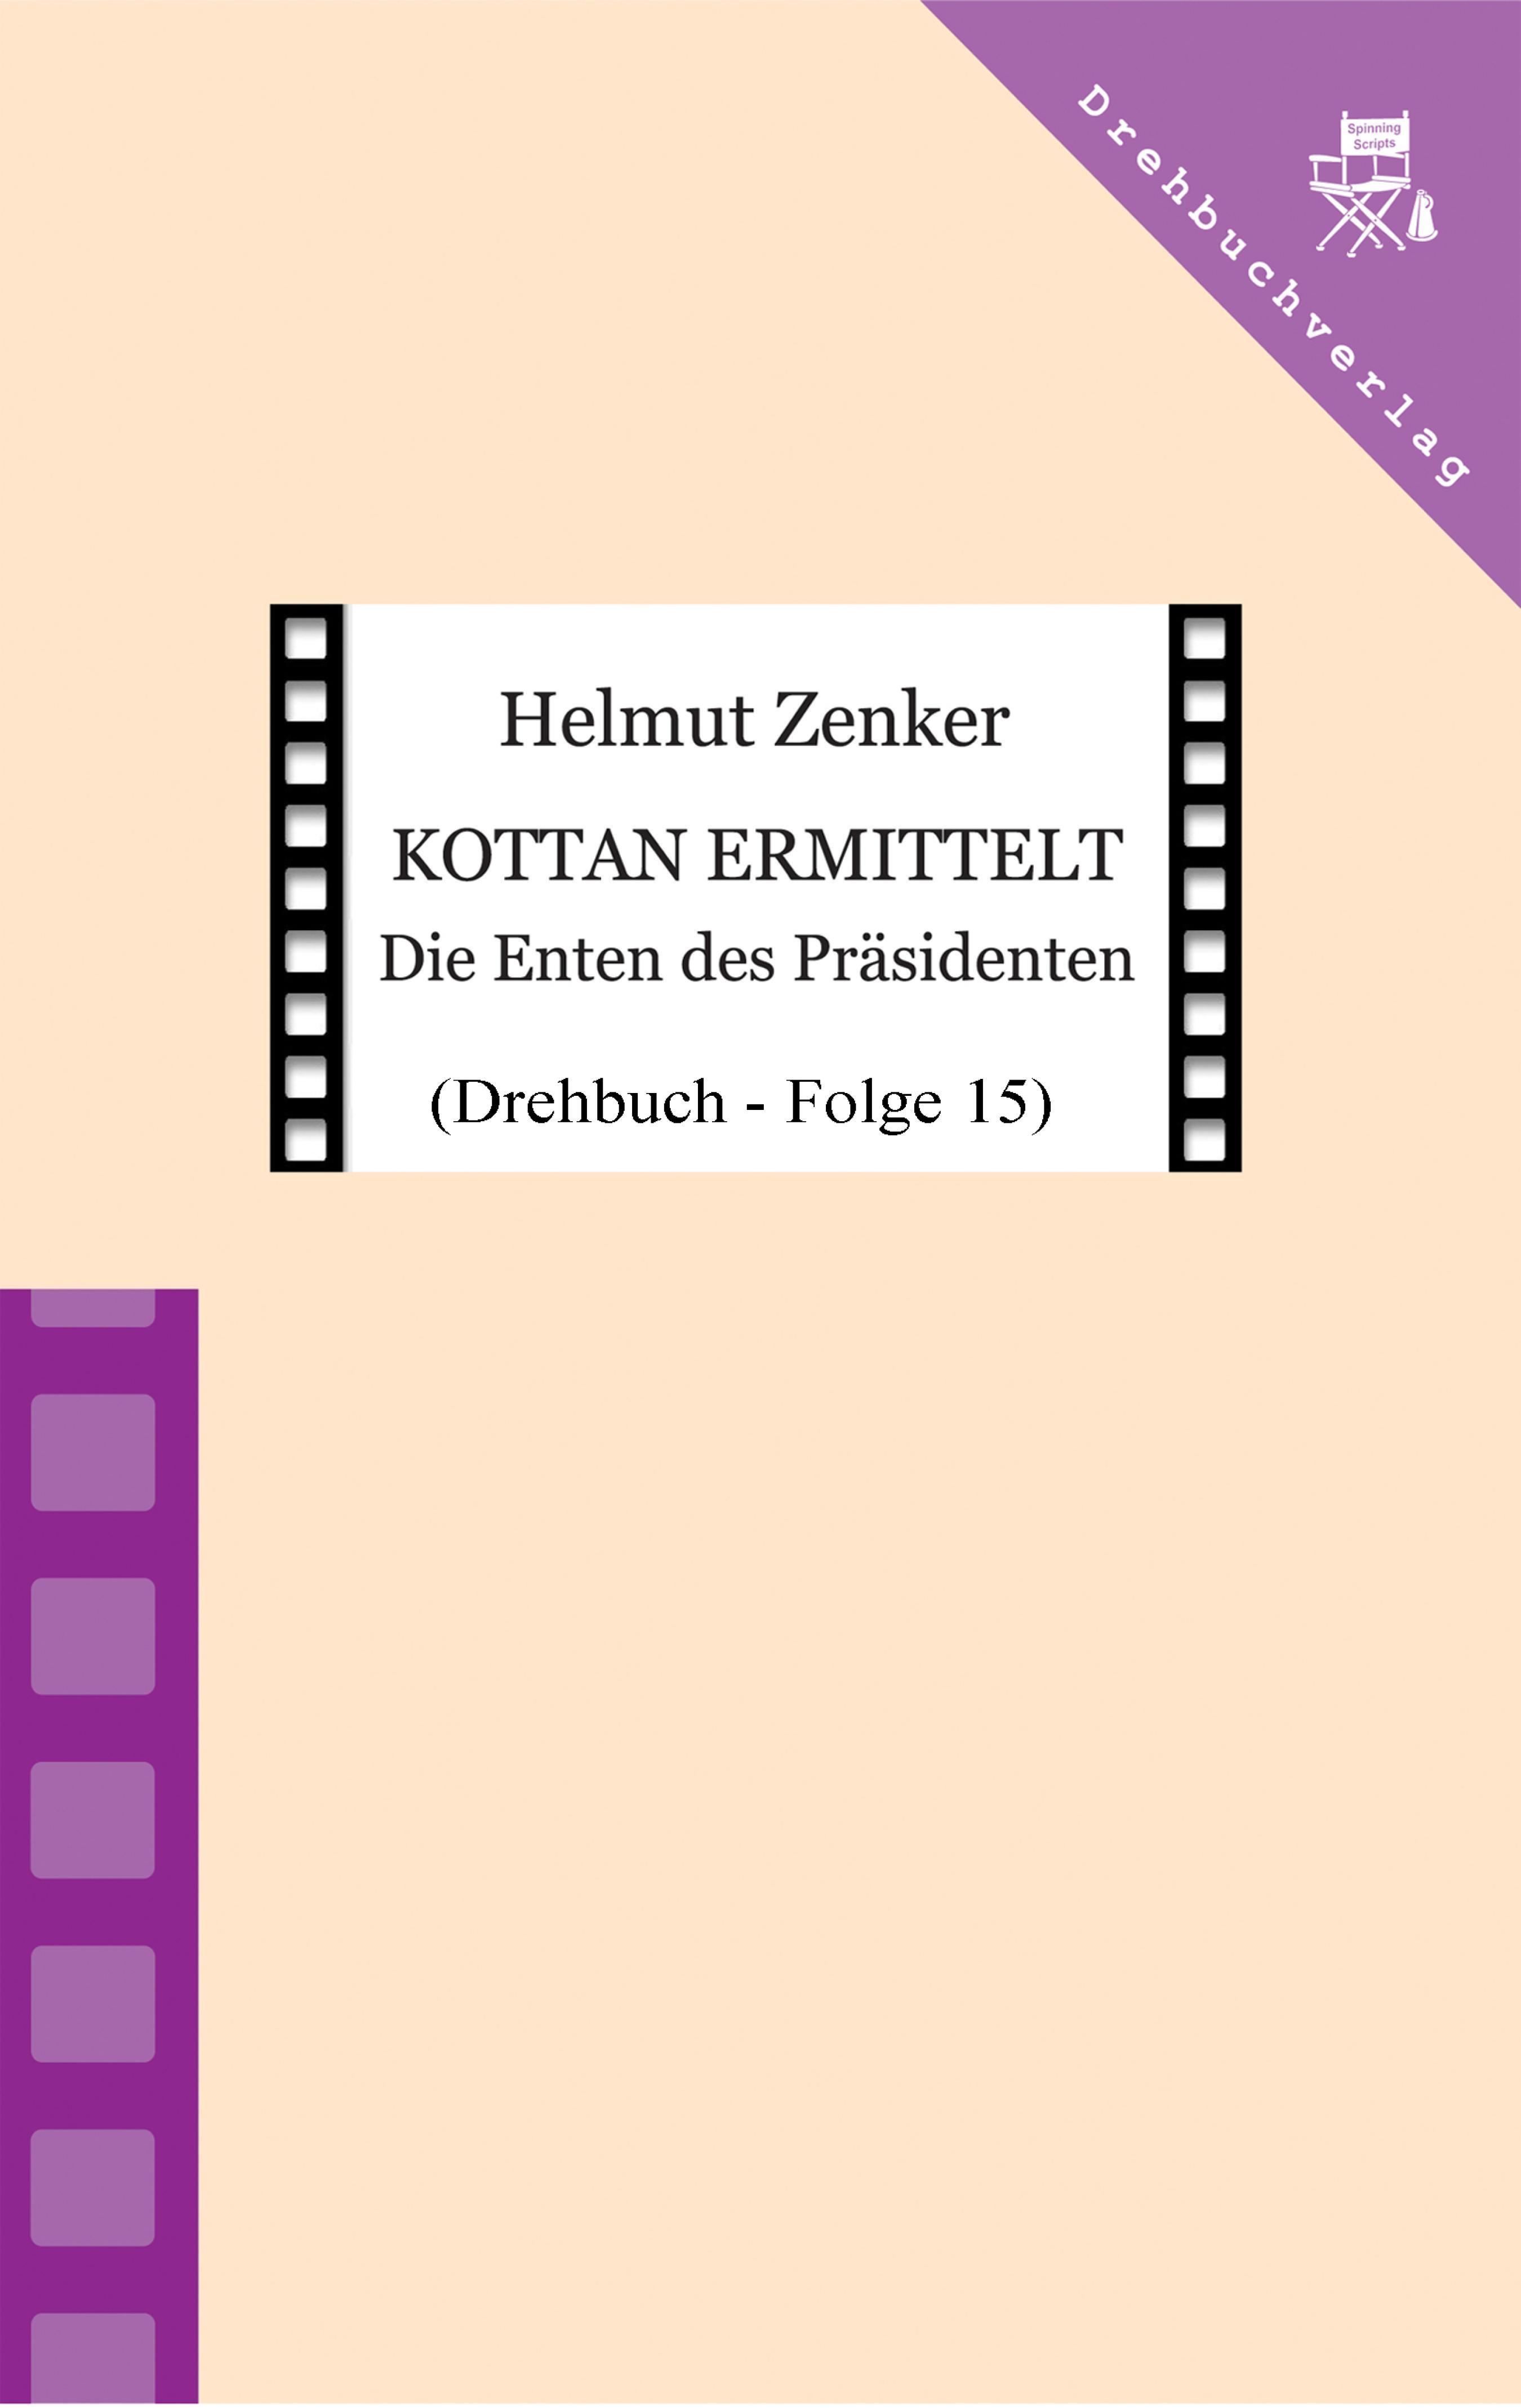 Helmut Zenker Kottan ermittelt: Die Enten des Präsidenten helmut zenker kottan ermittelt mord in schönbrunn